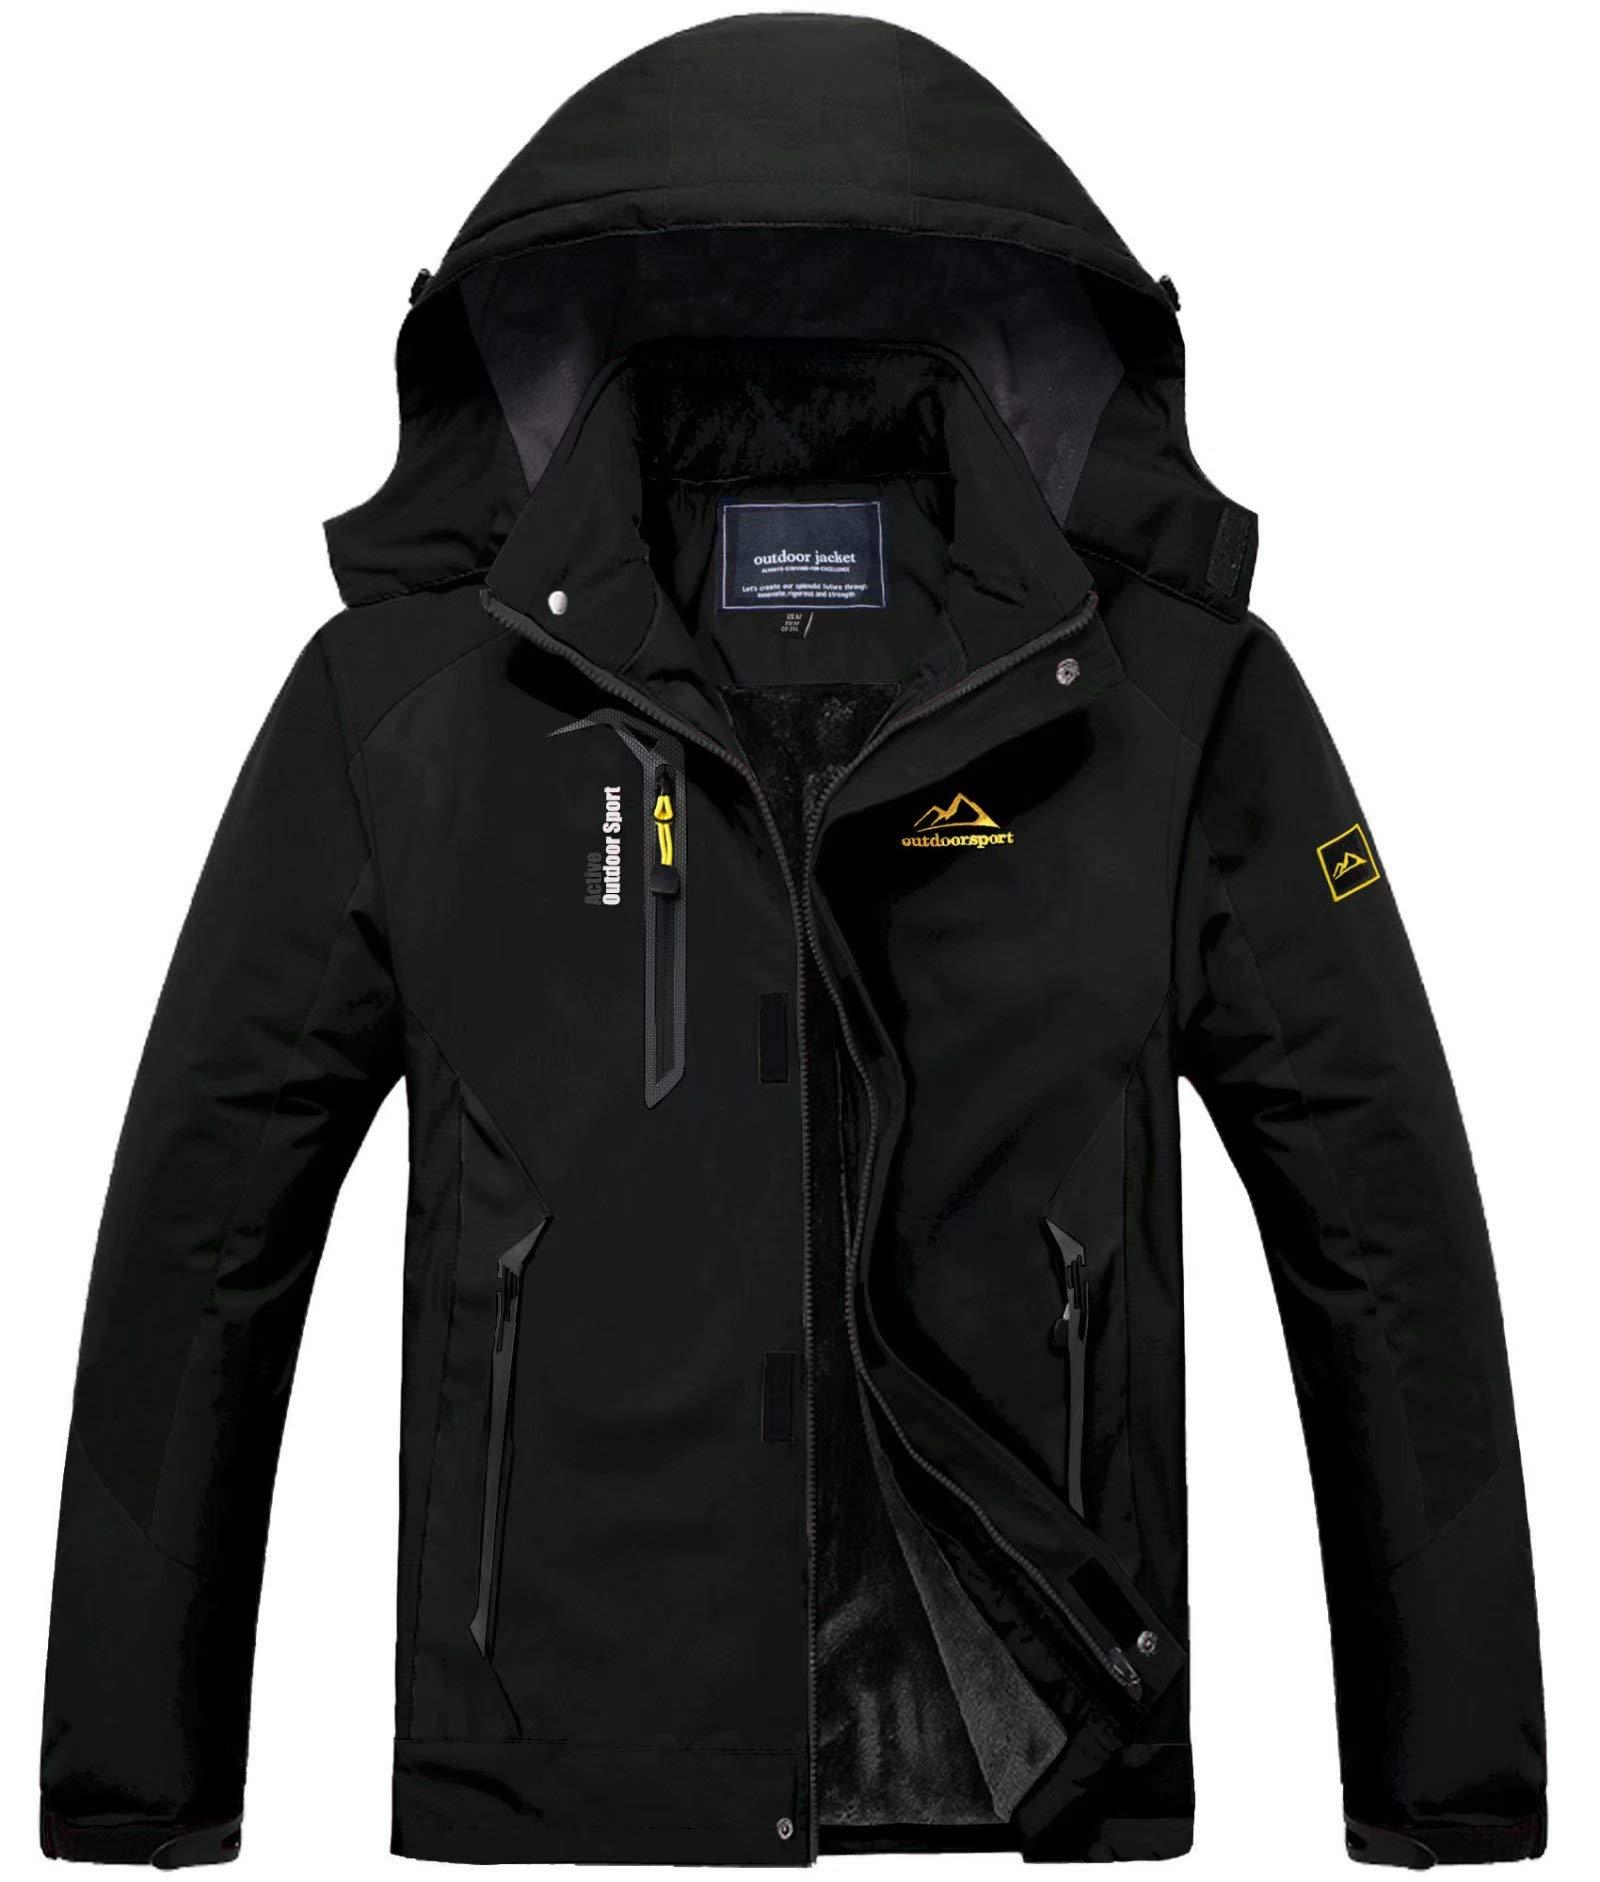 MAGCOMSEN Men's Warm Winter Coats Waterproof Snow Ski Jacket Fleece Lined Windproof Parka Detachable Hood